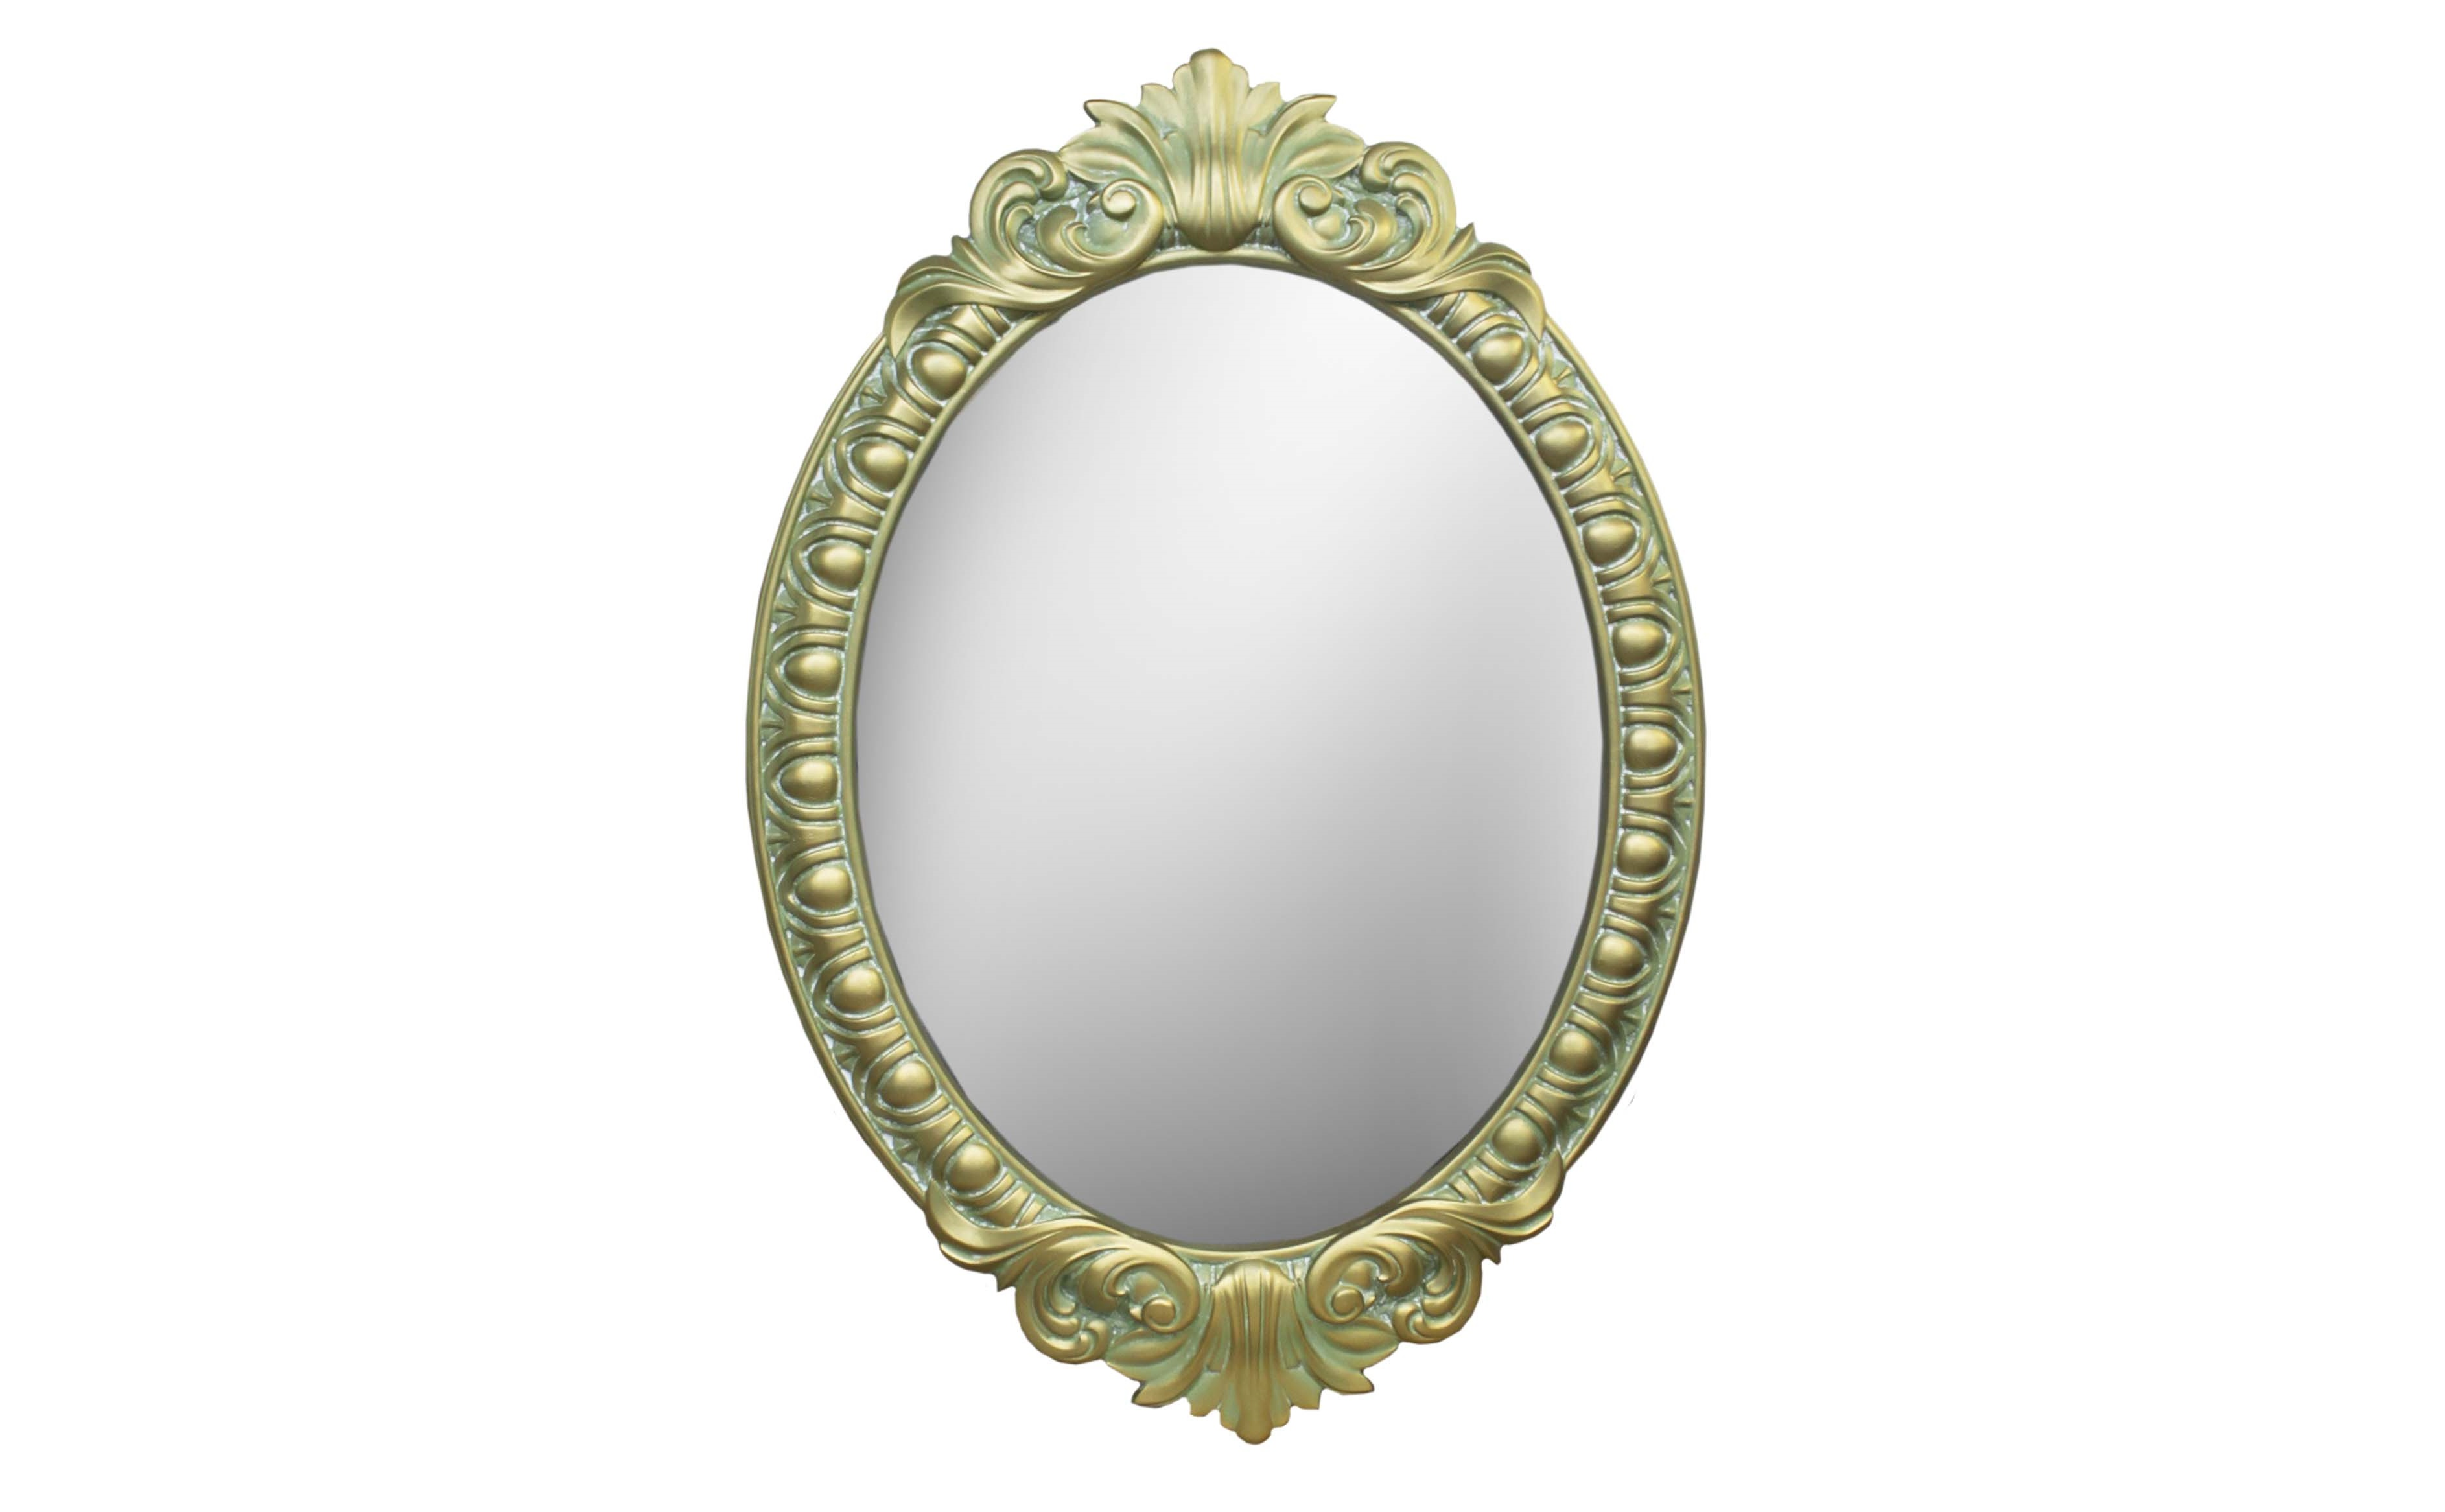 Зеркало ВЕНЕЦИЯНастенные зеркала<br>&amp;lt;div&amp;gt;Овальное зеркало в стиле итальянских палаццо — вот уж настоящая роскошь, доступная не только высоким синьорам. Резная рама выточена не из древесины, а из современного композитного материала, такого же экологичного, но куда более практичного и недорогого. В условиях современных жилищ — оптимально. Материал очень прочен, не боится воды и пара, может использоваться в ванной, не требует сложного ухода, служит долгие годы, не теряя внешней привлекательности, не тускнеет, не выгорает.&amp;lt;/div&amp;gt;&amp;lt;div&amp;gt;&amp;lt;br&amp;gt;&amp;lt;/div&amp;gt;&amp;lt;div&amp;gt;&amp;lt;div&amp;gt;Цвет: Олива Золото Патина&amp;lt;/div&amp;gt;&amp;lt;/div&amp;gt;<br><br>Material: Полиуретан<br>Length см: None<br>Width см: 72<br>Depth см: 4<br>Height см: 104